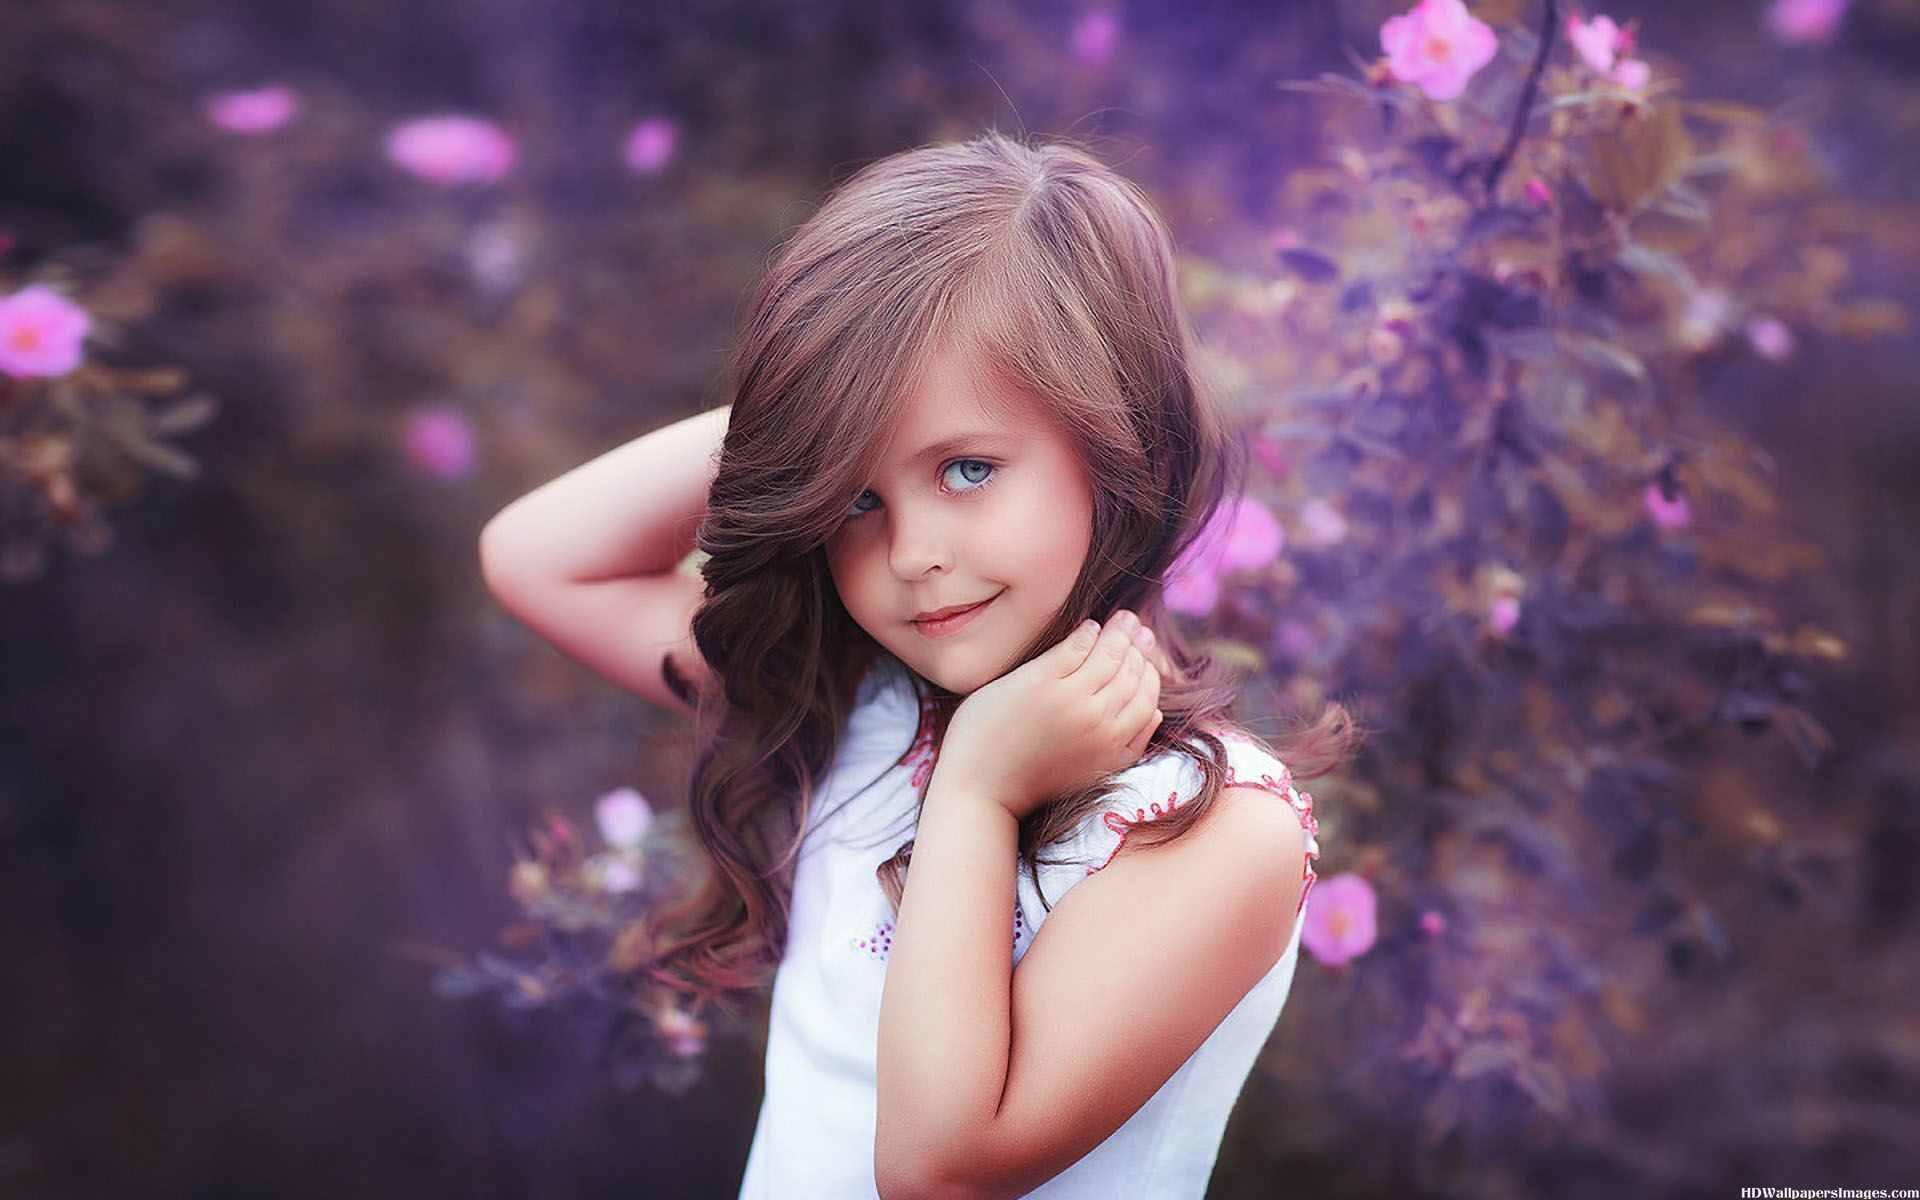 بالصور صور اطفال جديده , اطفال تهبل ربنا يرزق الجميع مثلهم 3655 7